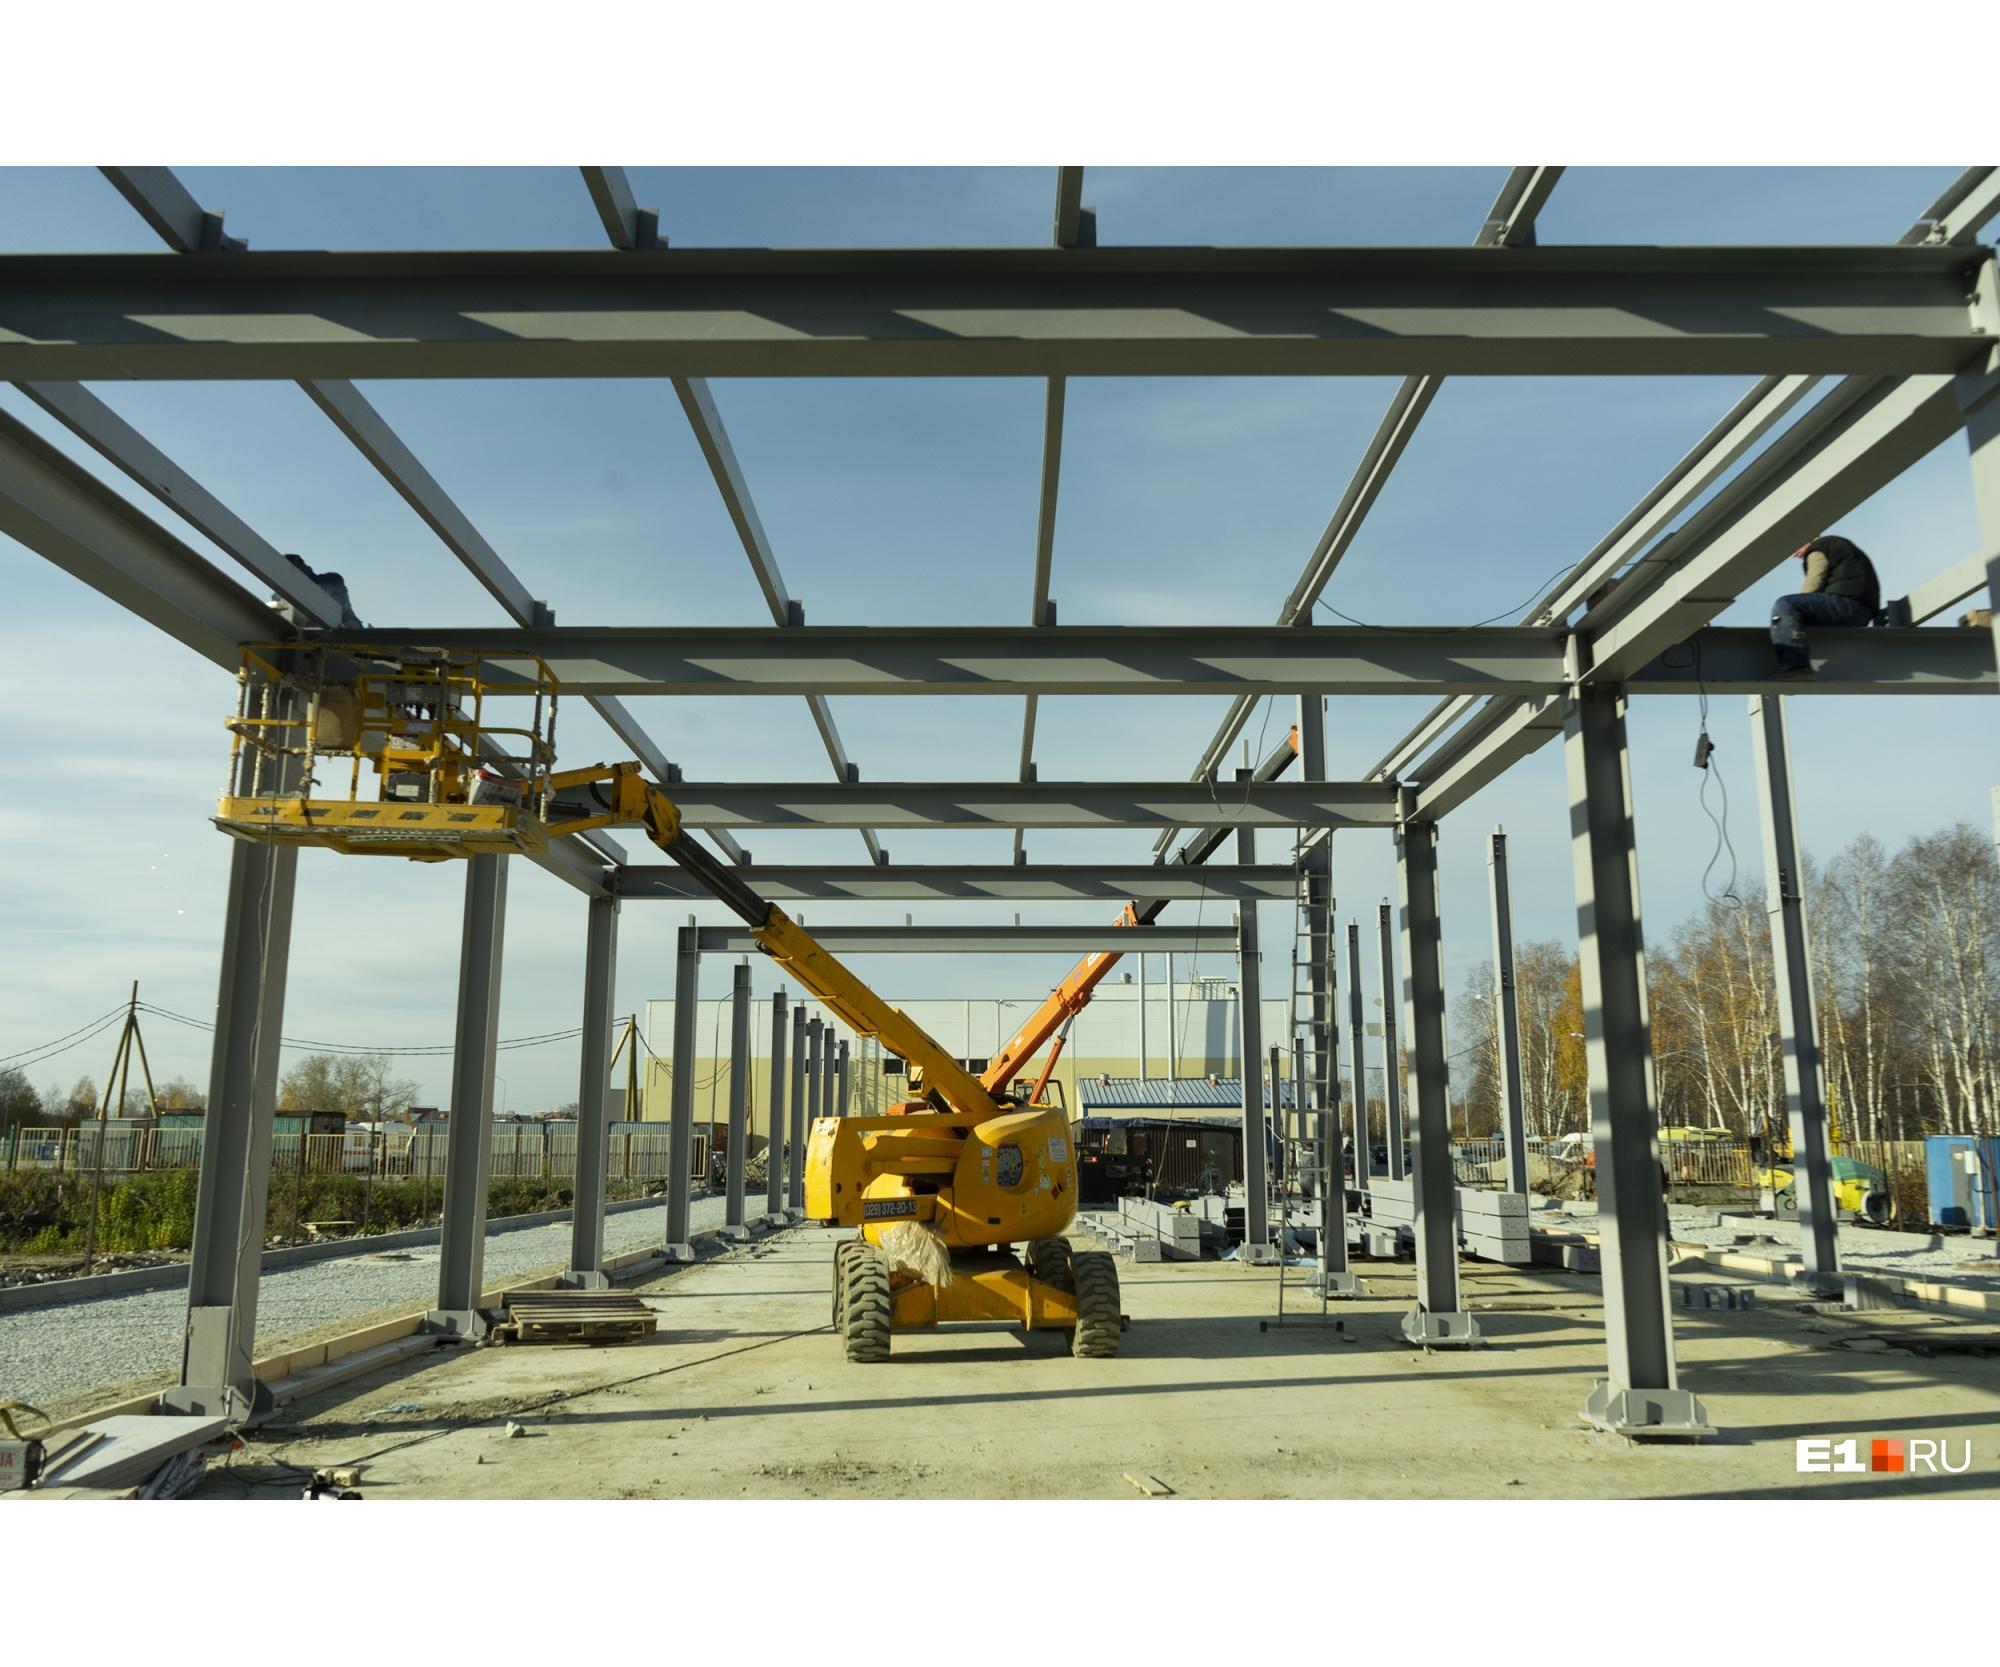 В октябре на бетонной площадке уже начали устанавливатьлегко возводимое здание